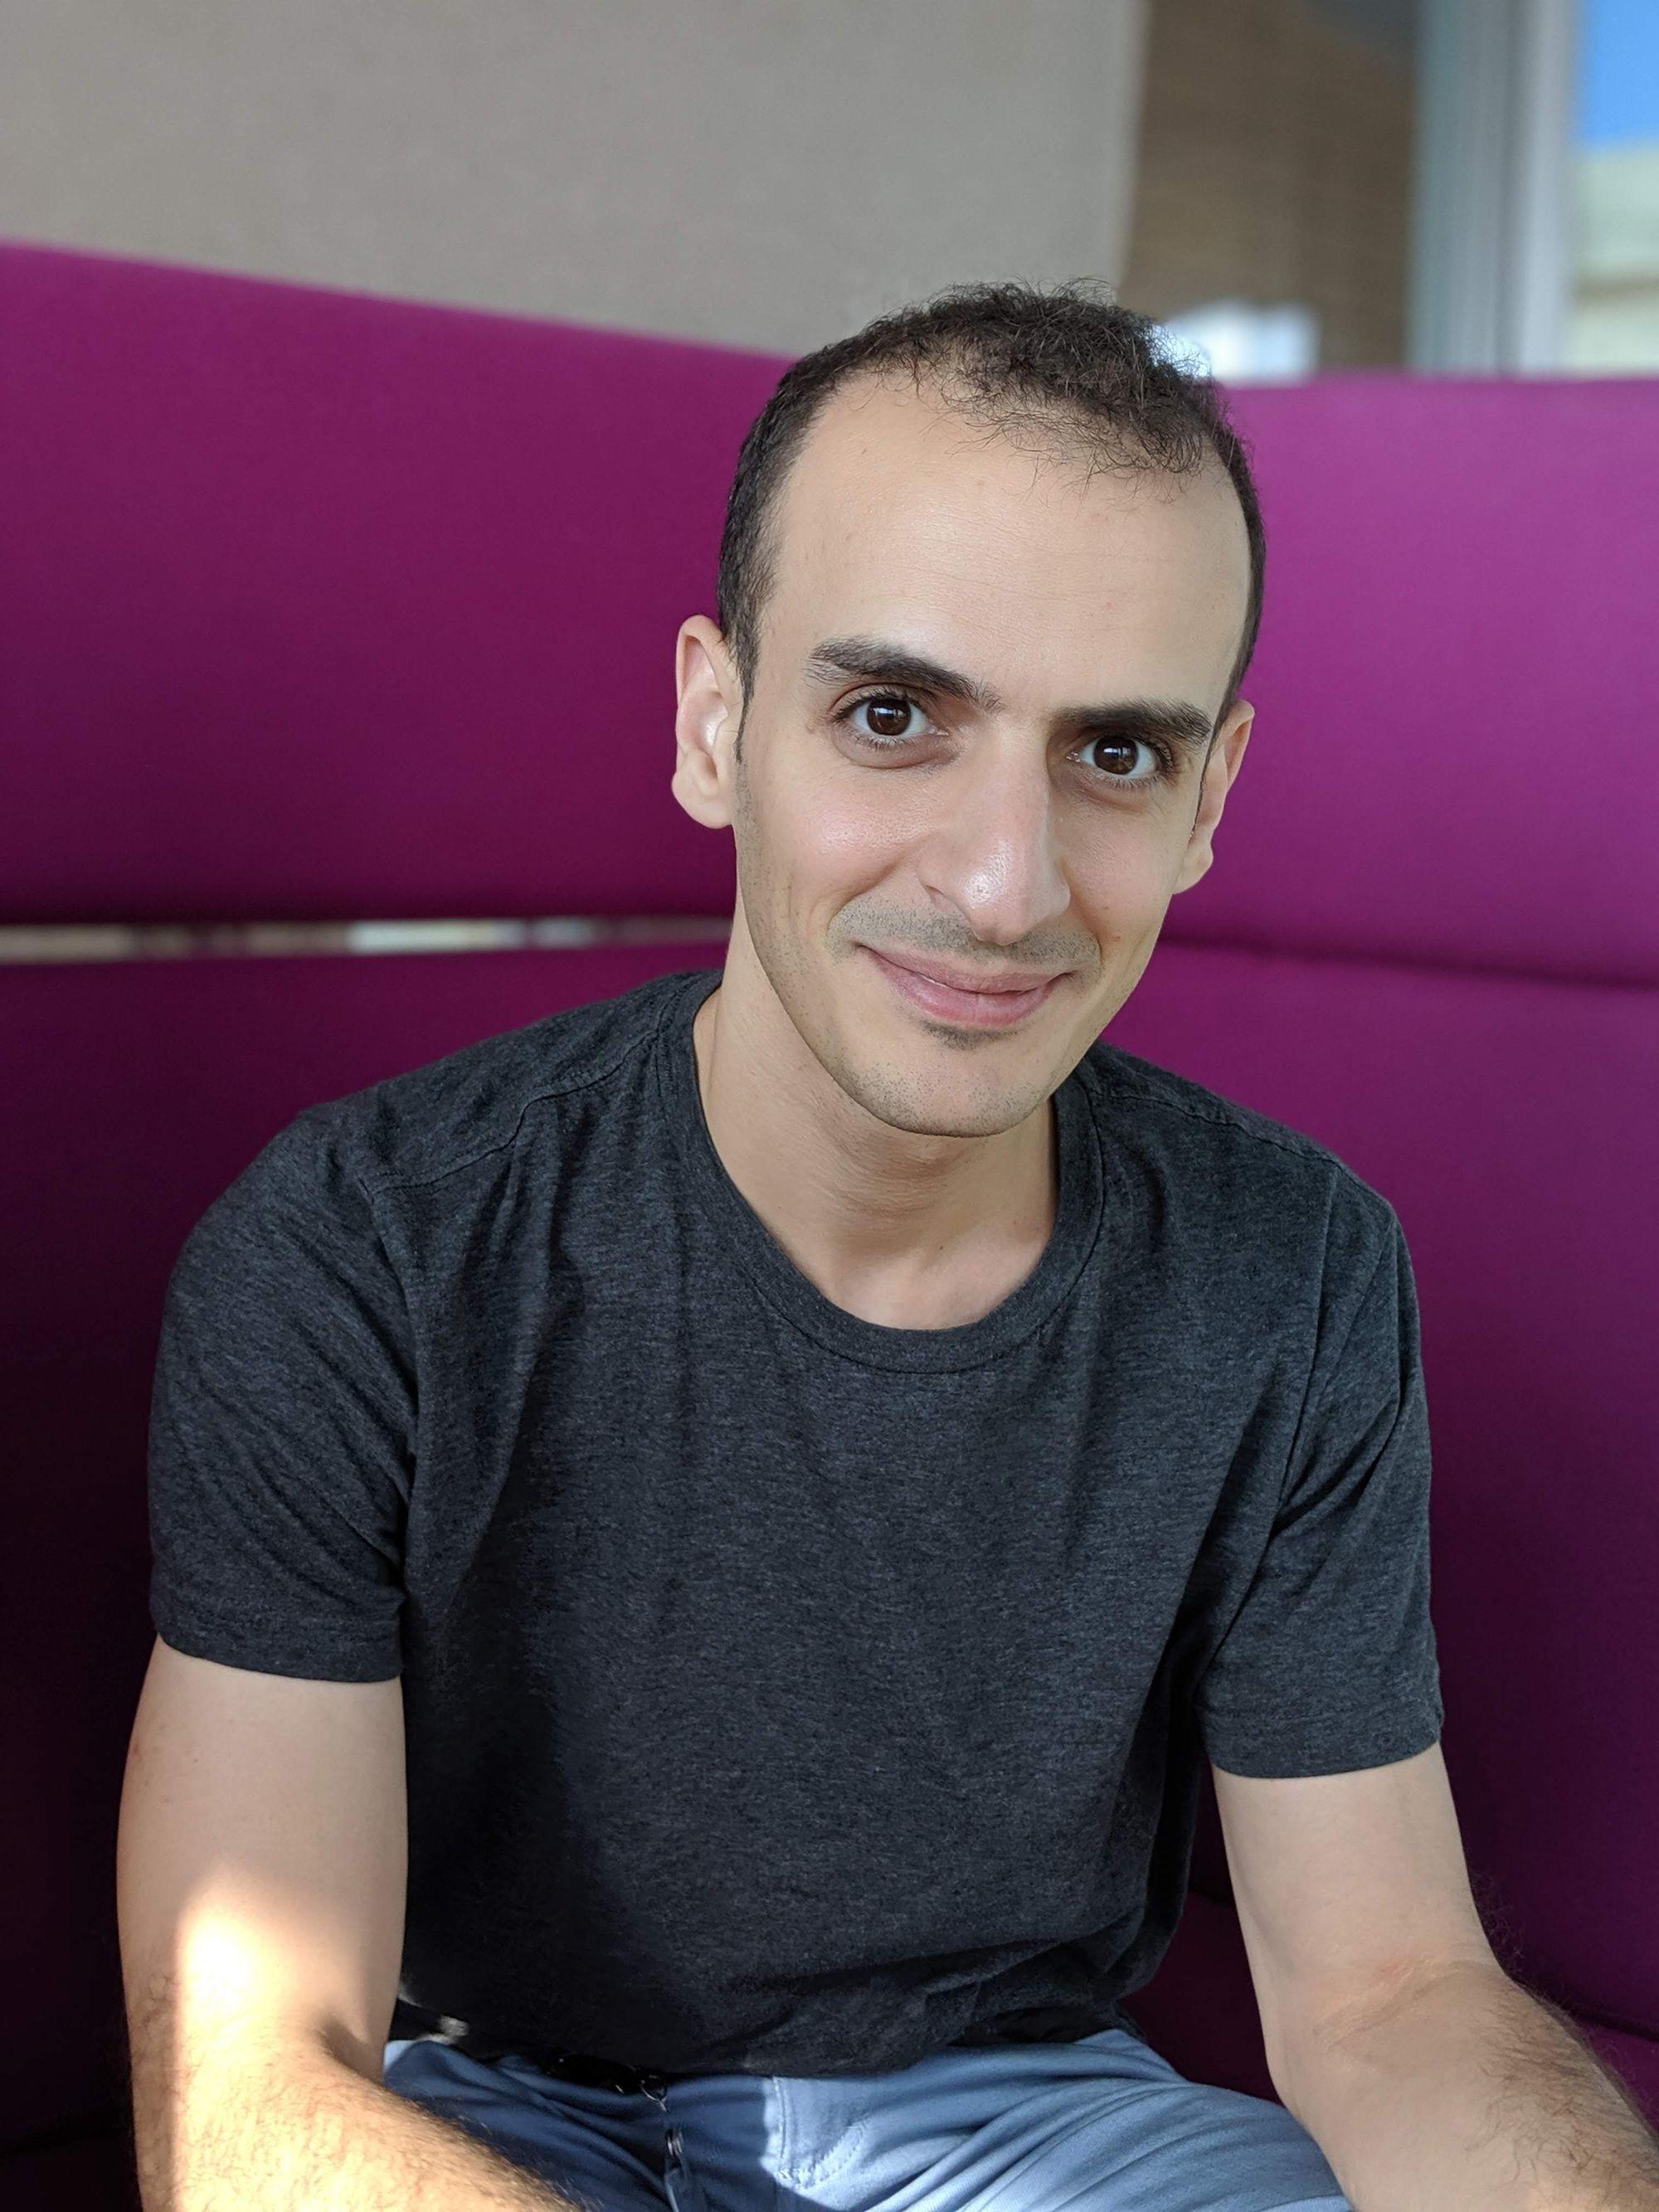 Ehud Tamir